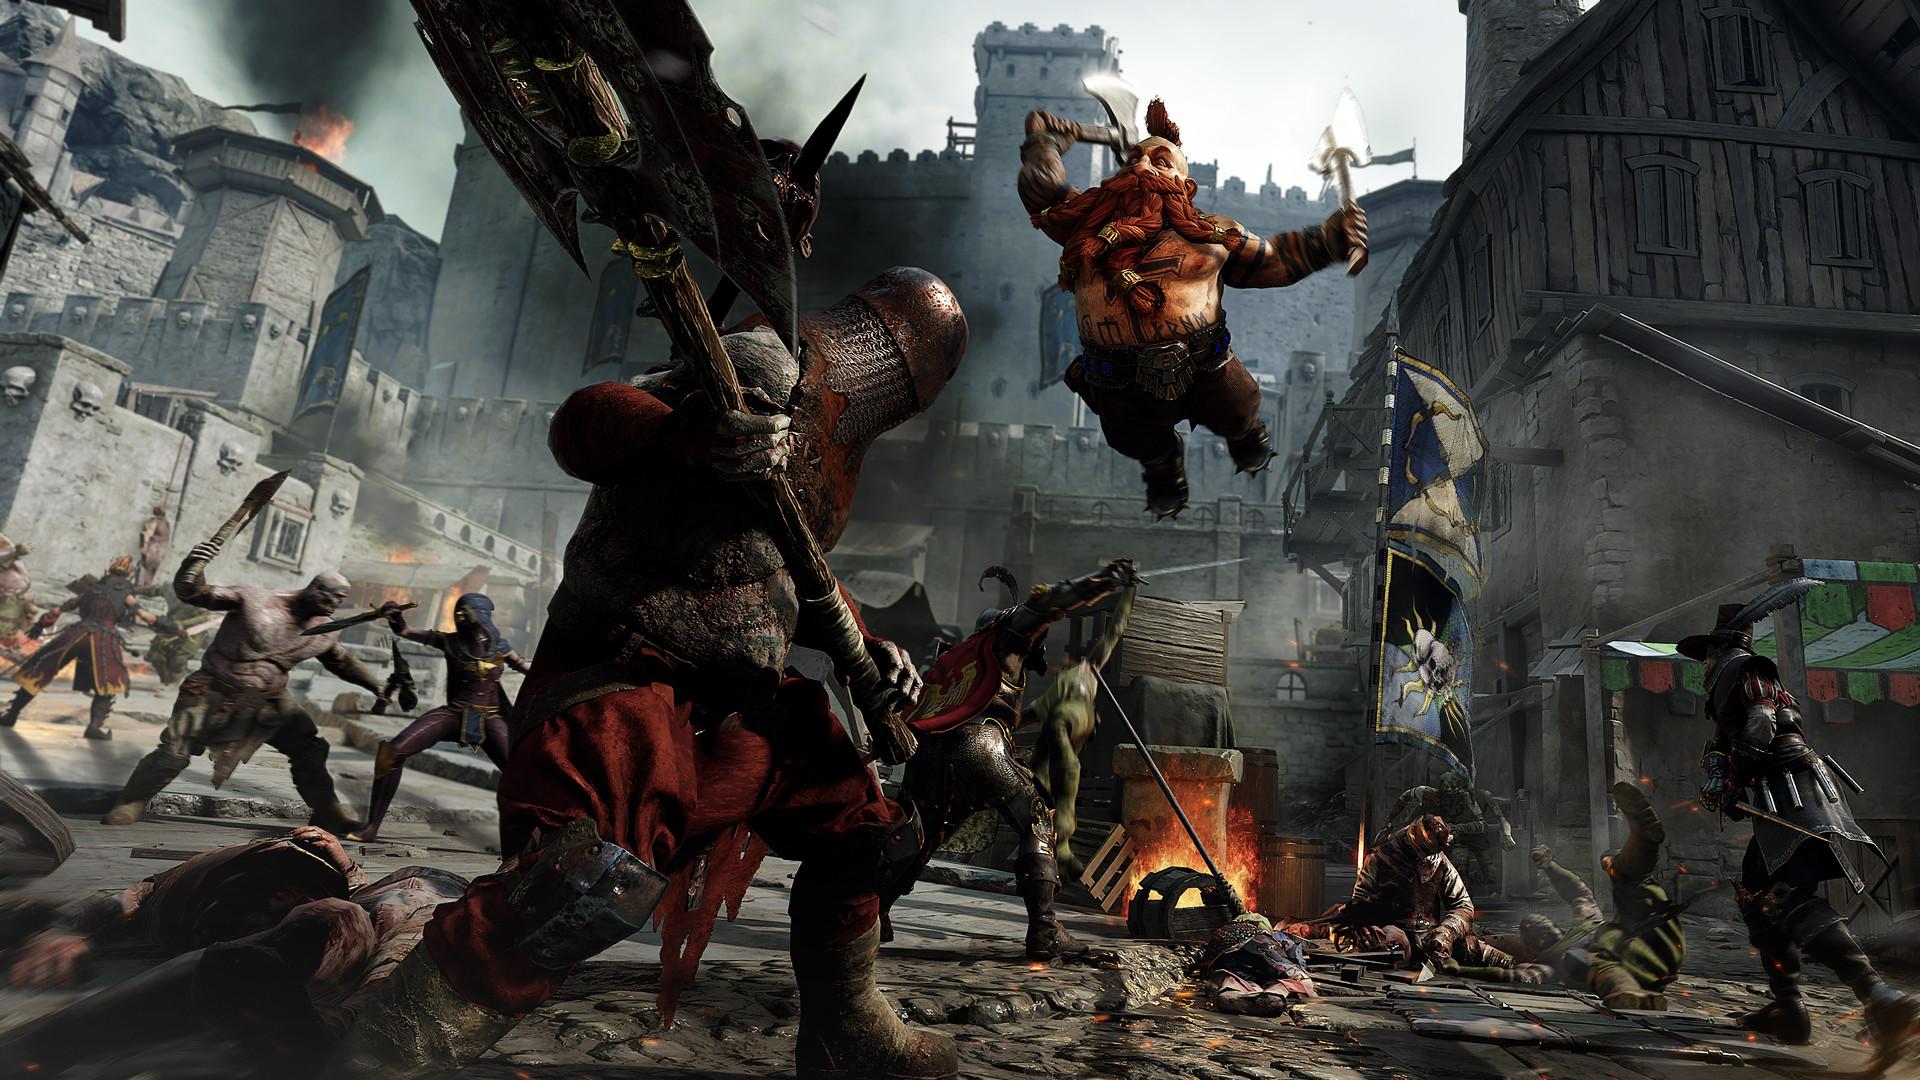 بروزرسانی جدید Warhammer: Vermintide 2 درجه سختی بازی را کاهش میدهد